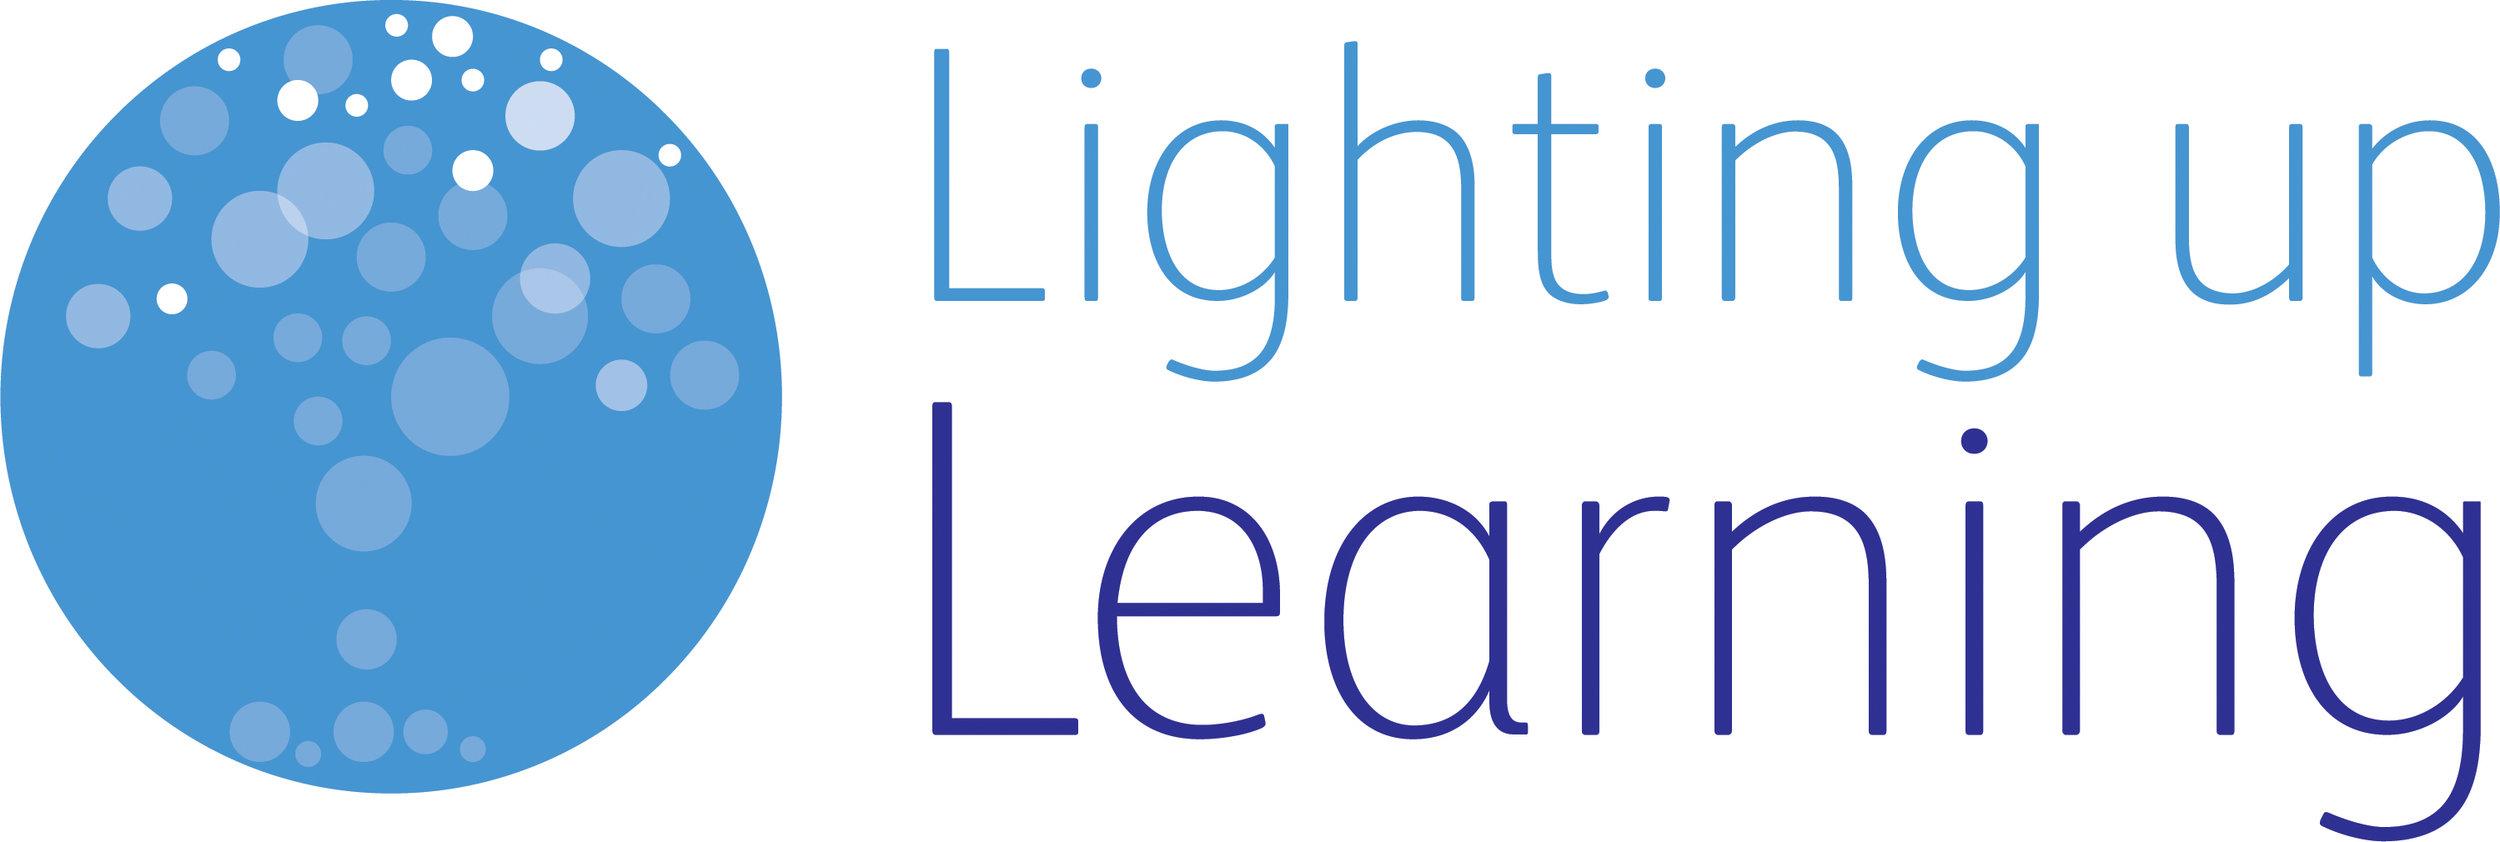 Lighting up Learning Logo.jpg